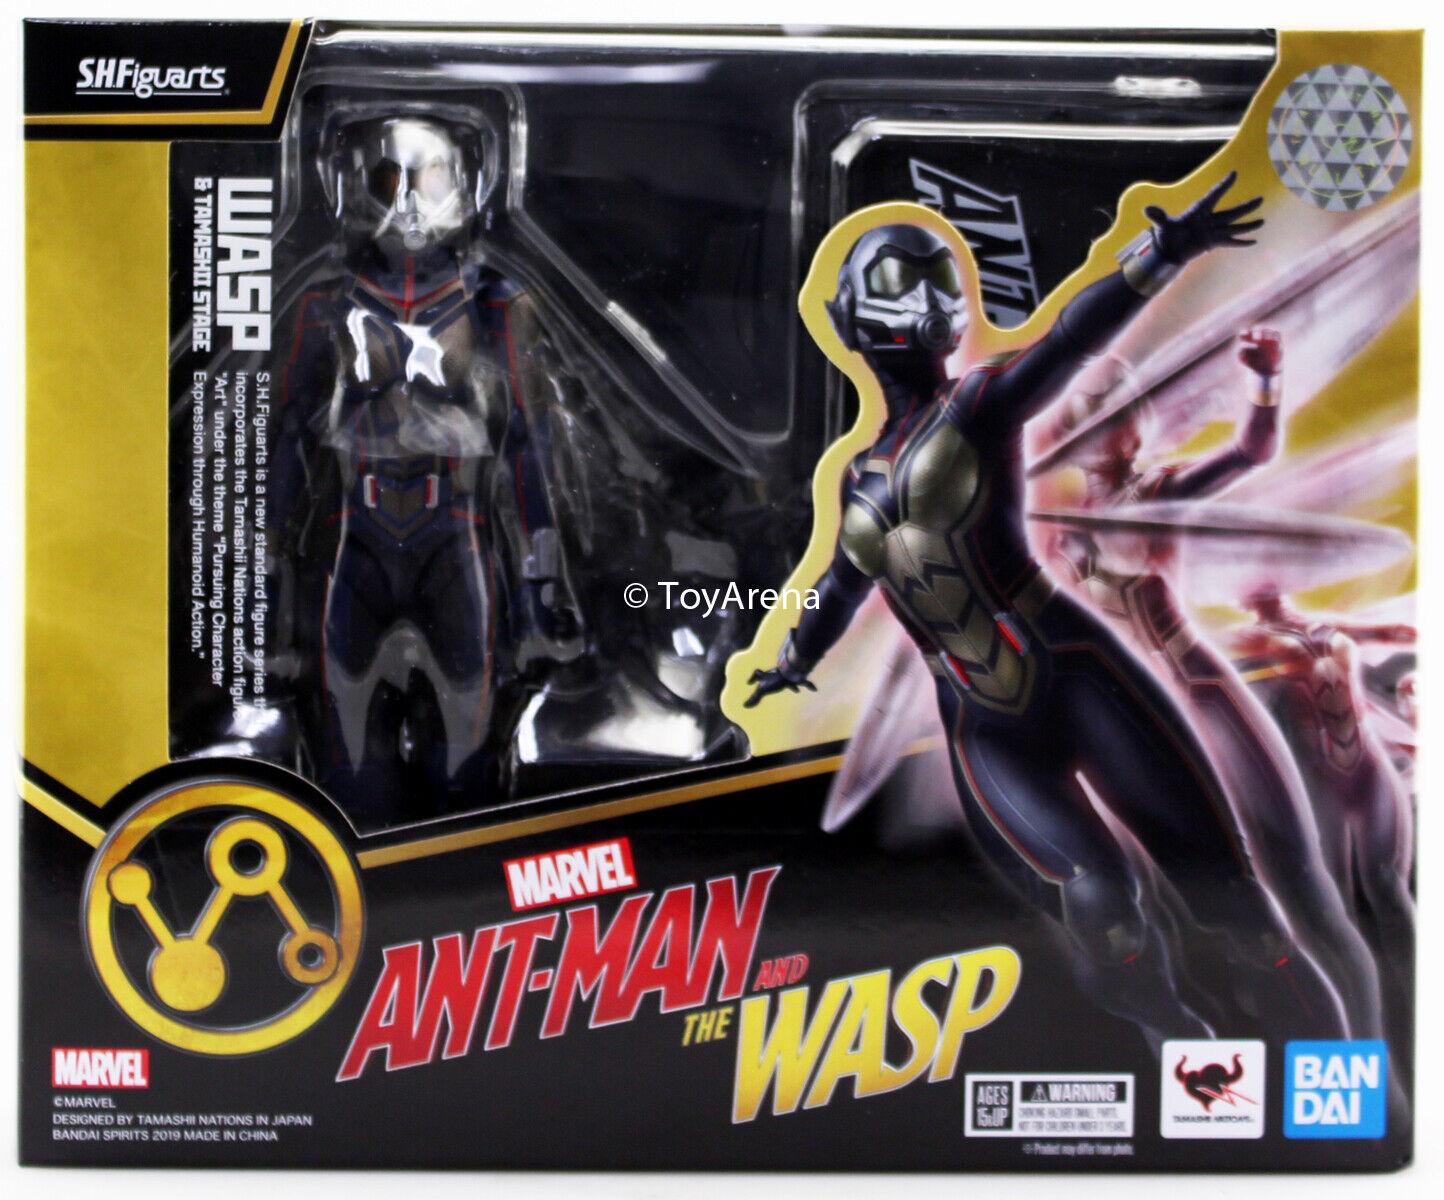 tomar hasta un 70% de descuento S.H. Figuarts Wasp & Tamashii Ant-Man Ant-Man Ant-Man Conjunto de escenario y la Avispa figura de acción EE. UU.  excelentes precios